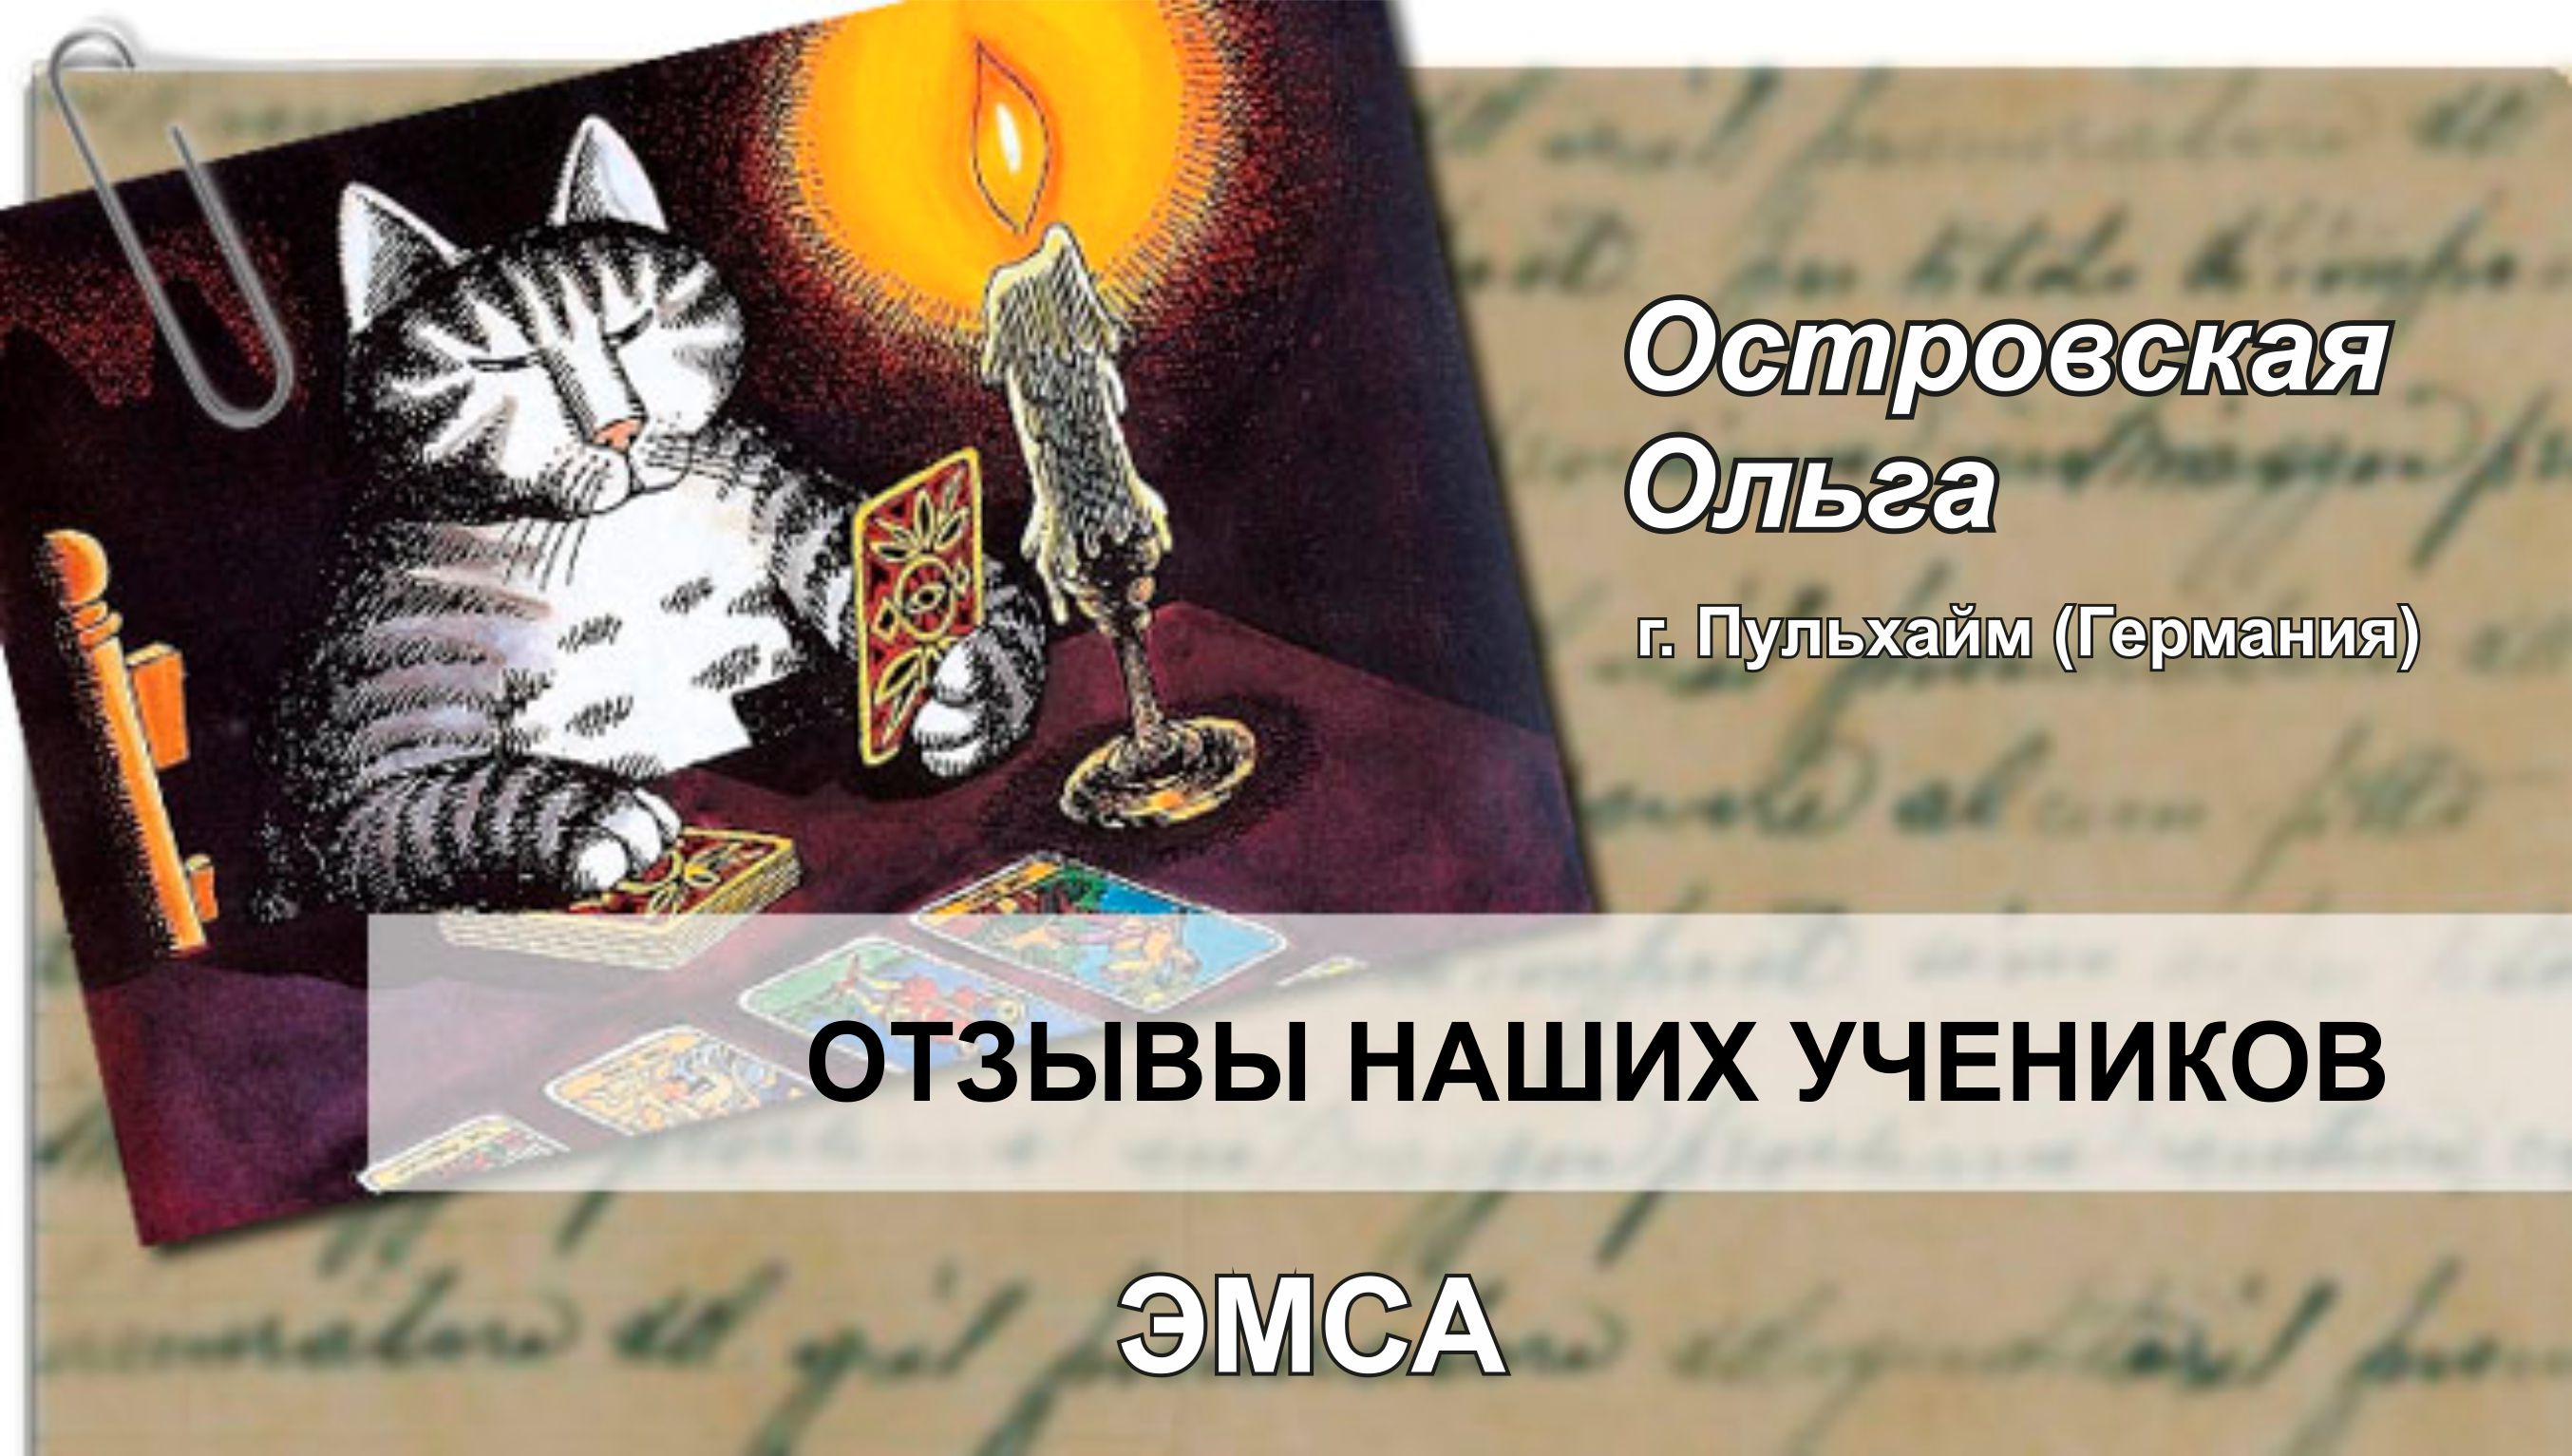 Островская Ольга отзыв ЭМСА